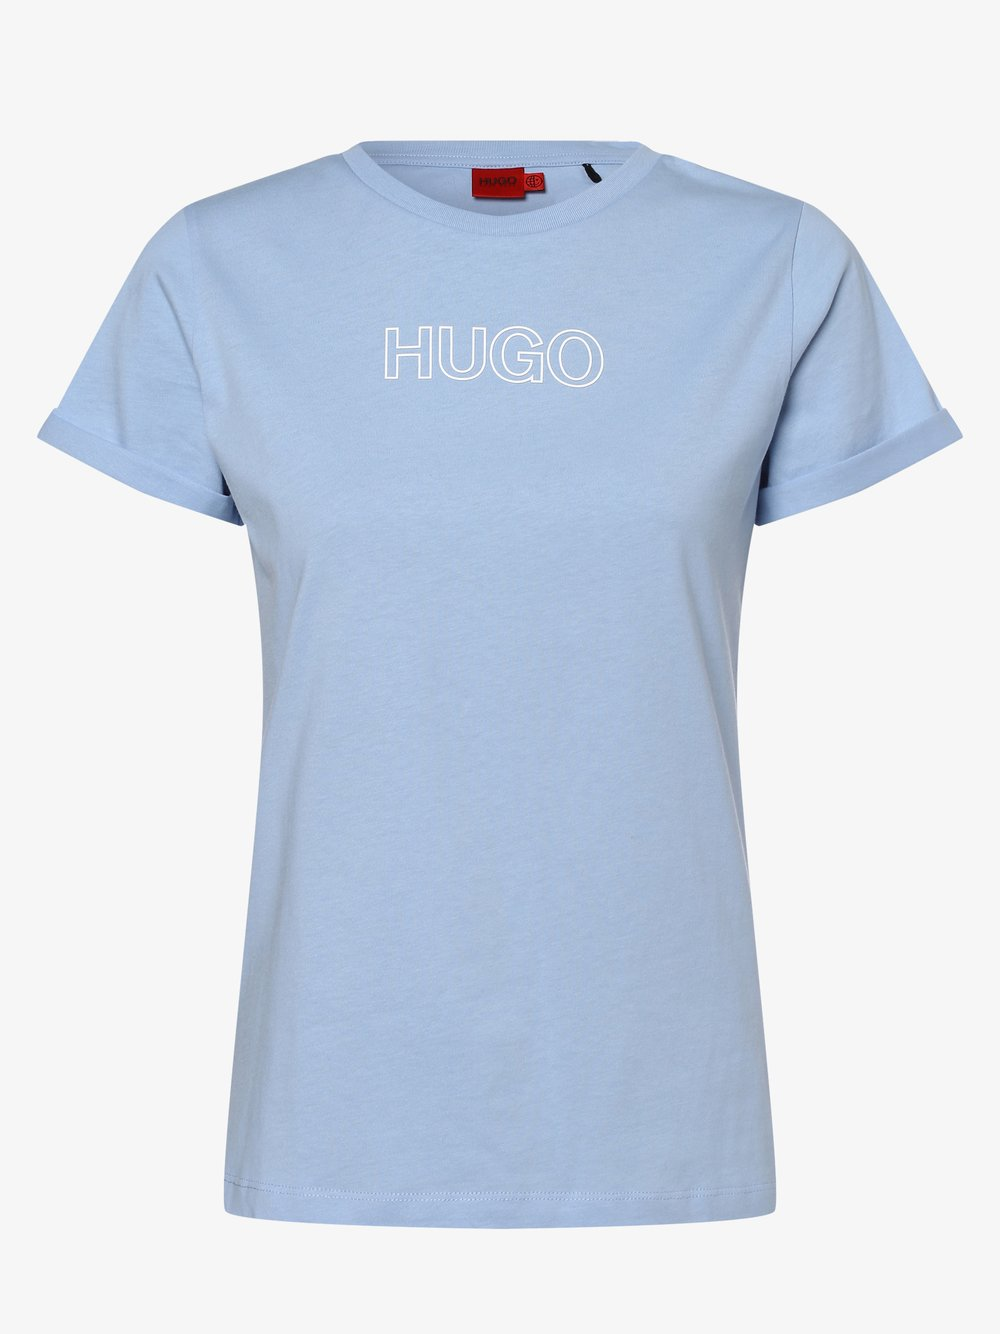 HUGO - T-shirt damski – The Slim Tee 6, niebieski